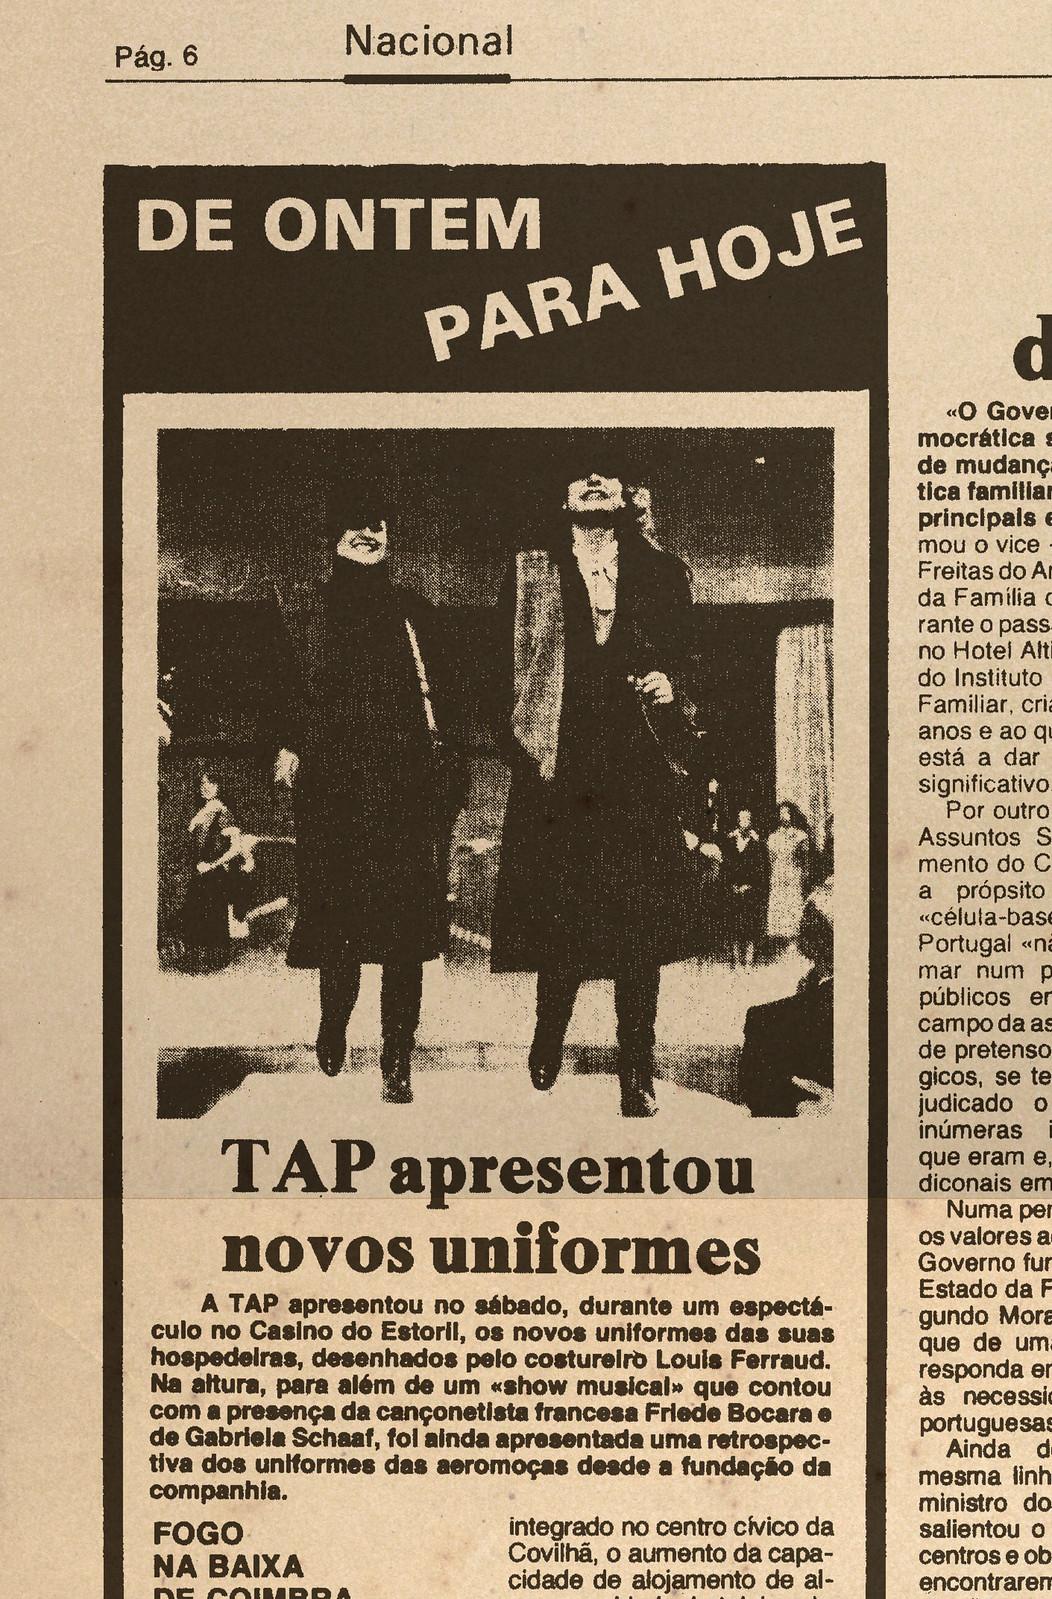 TAP apresentou novos uniformes (Diário de Lisboa, 28/I/1980)